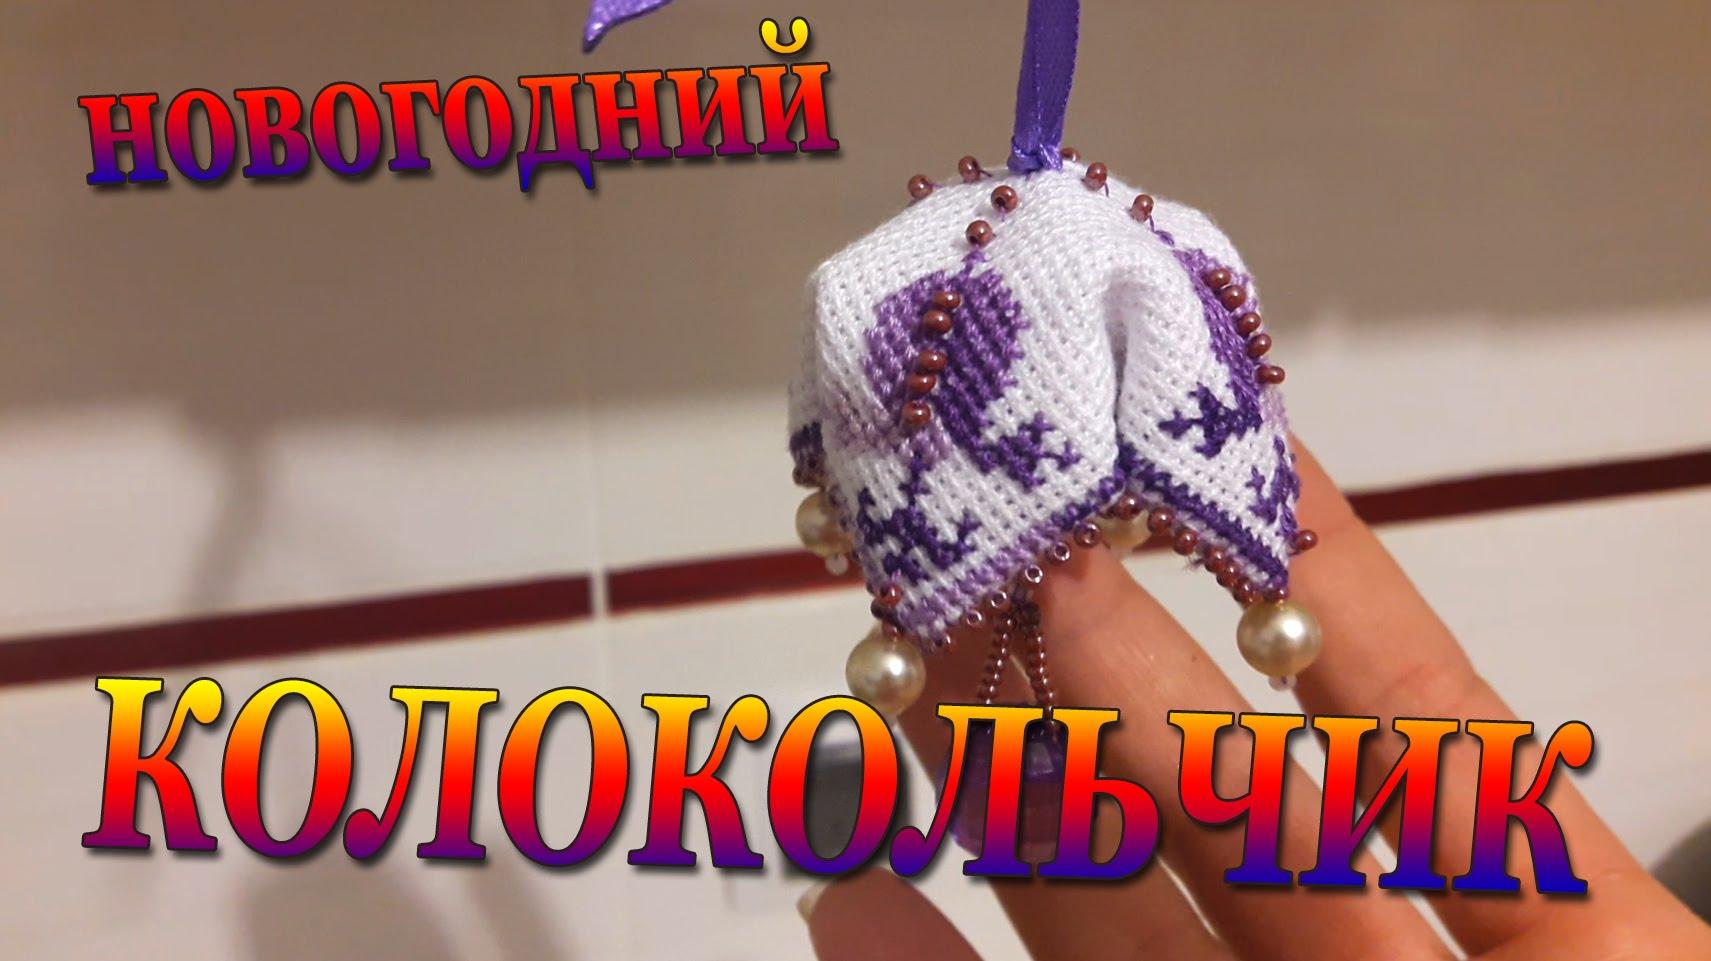 Фото 18: Вязанный новогодний колокольчик